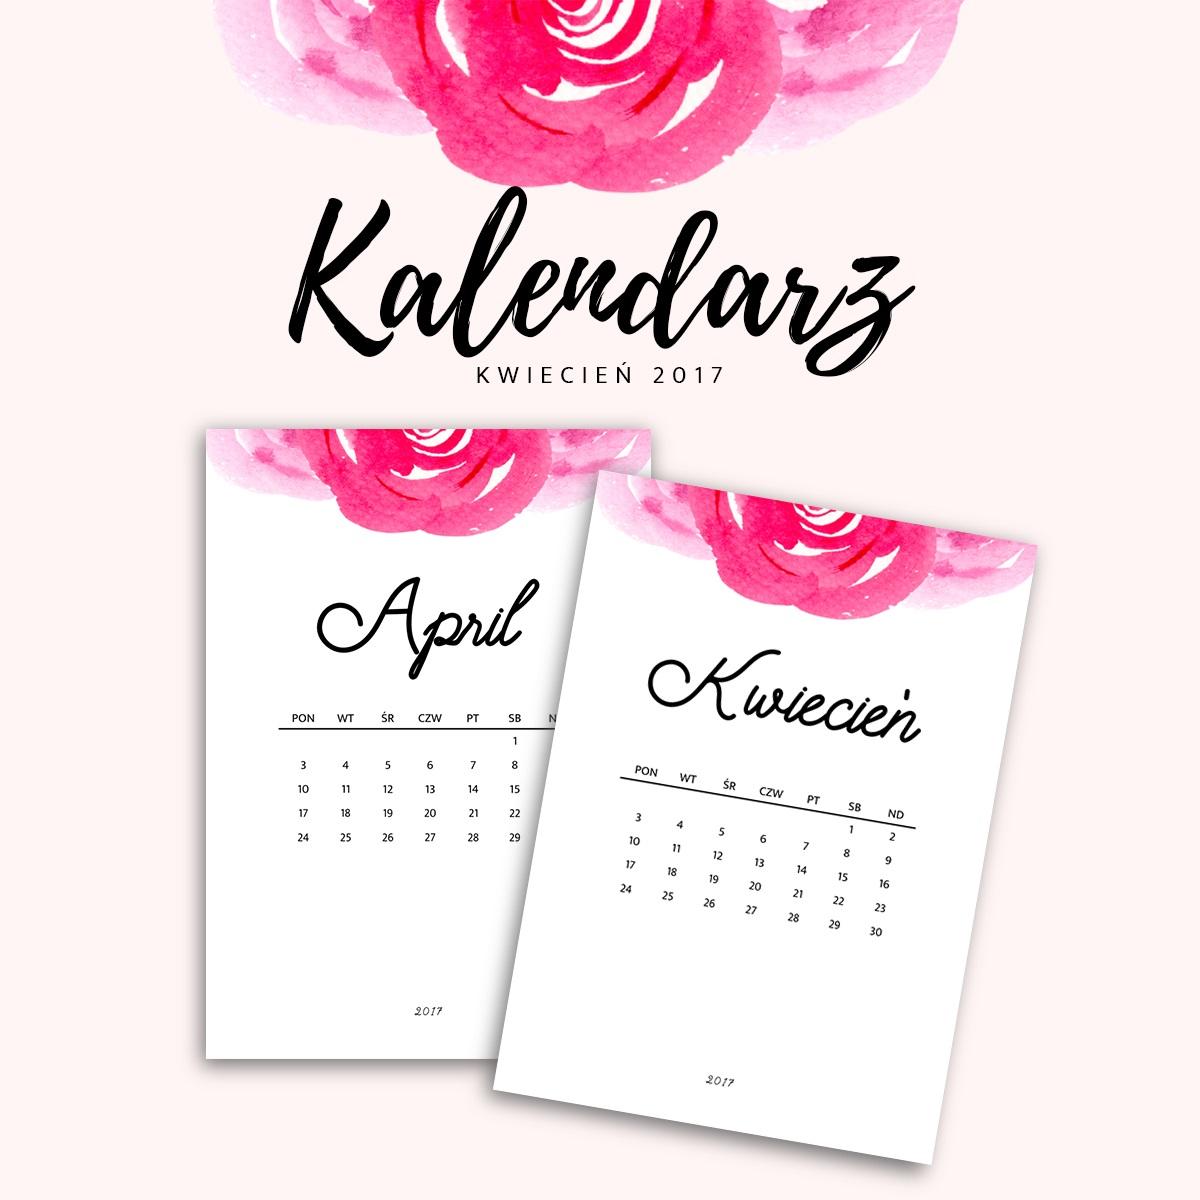 Kalendarz do druku - kwiecień 2017 {do pobrania za darmo}